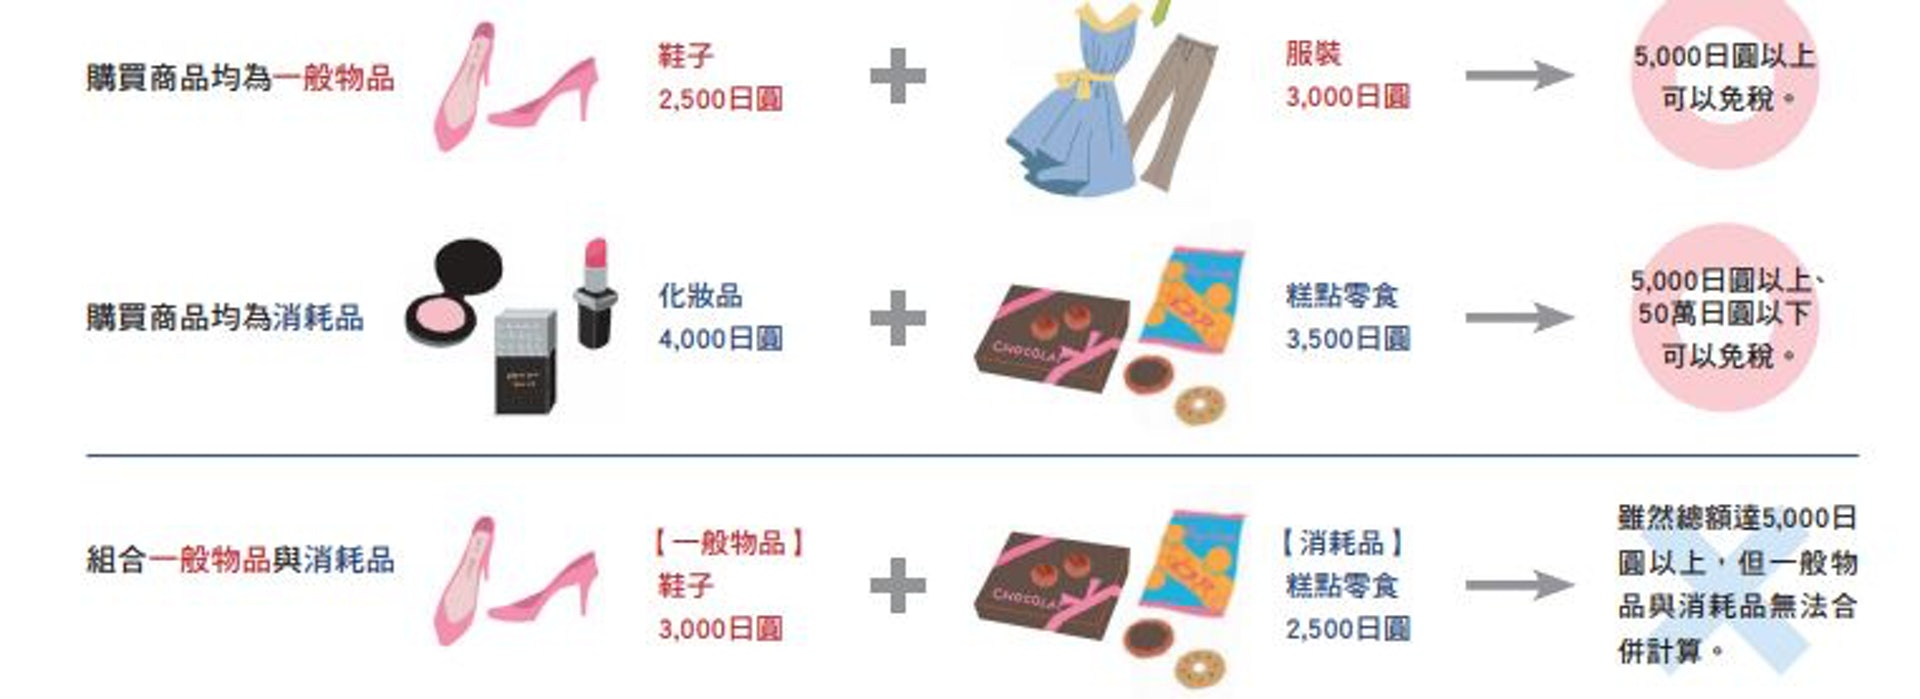 目前到日本購物,海外旅客購買的物品會分成「消耗品」和「一般物品」兩大類,必須單類買滿超過5,000日圓才可退稅。(日本觀光廳網頁截圖)